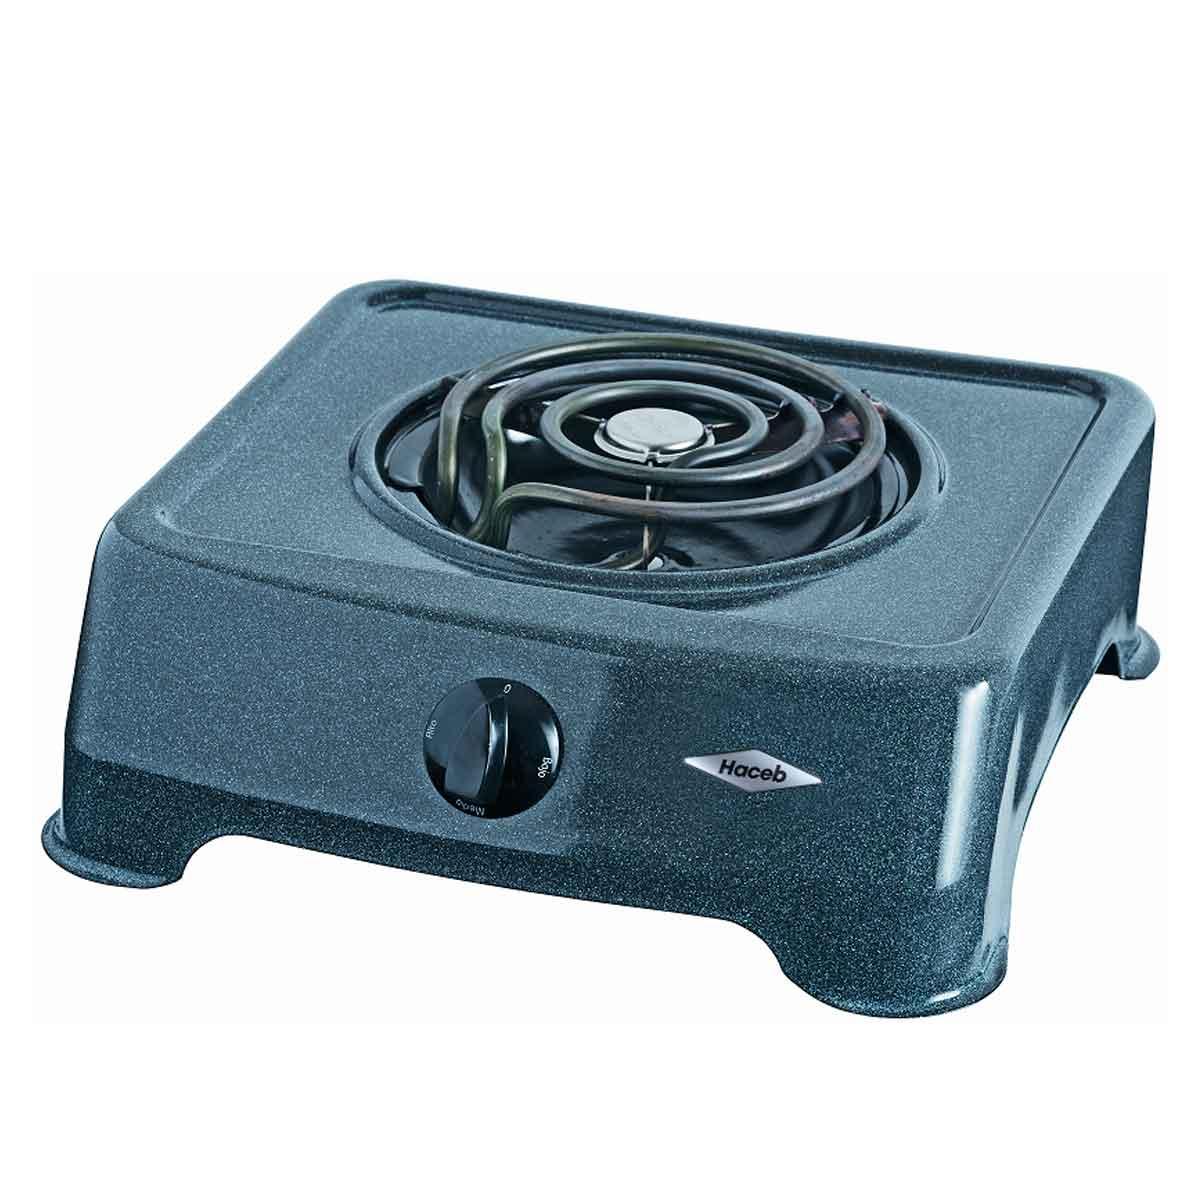 Cocineta Electrica 1 Puesto Haceb